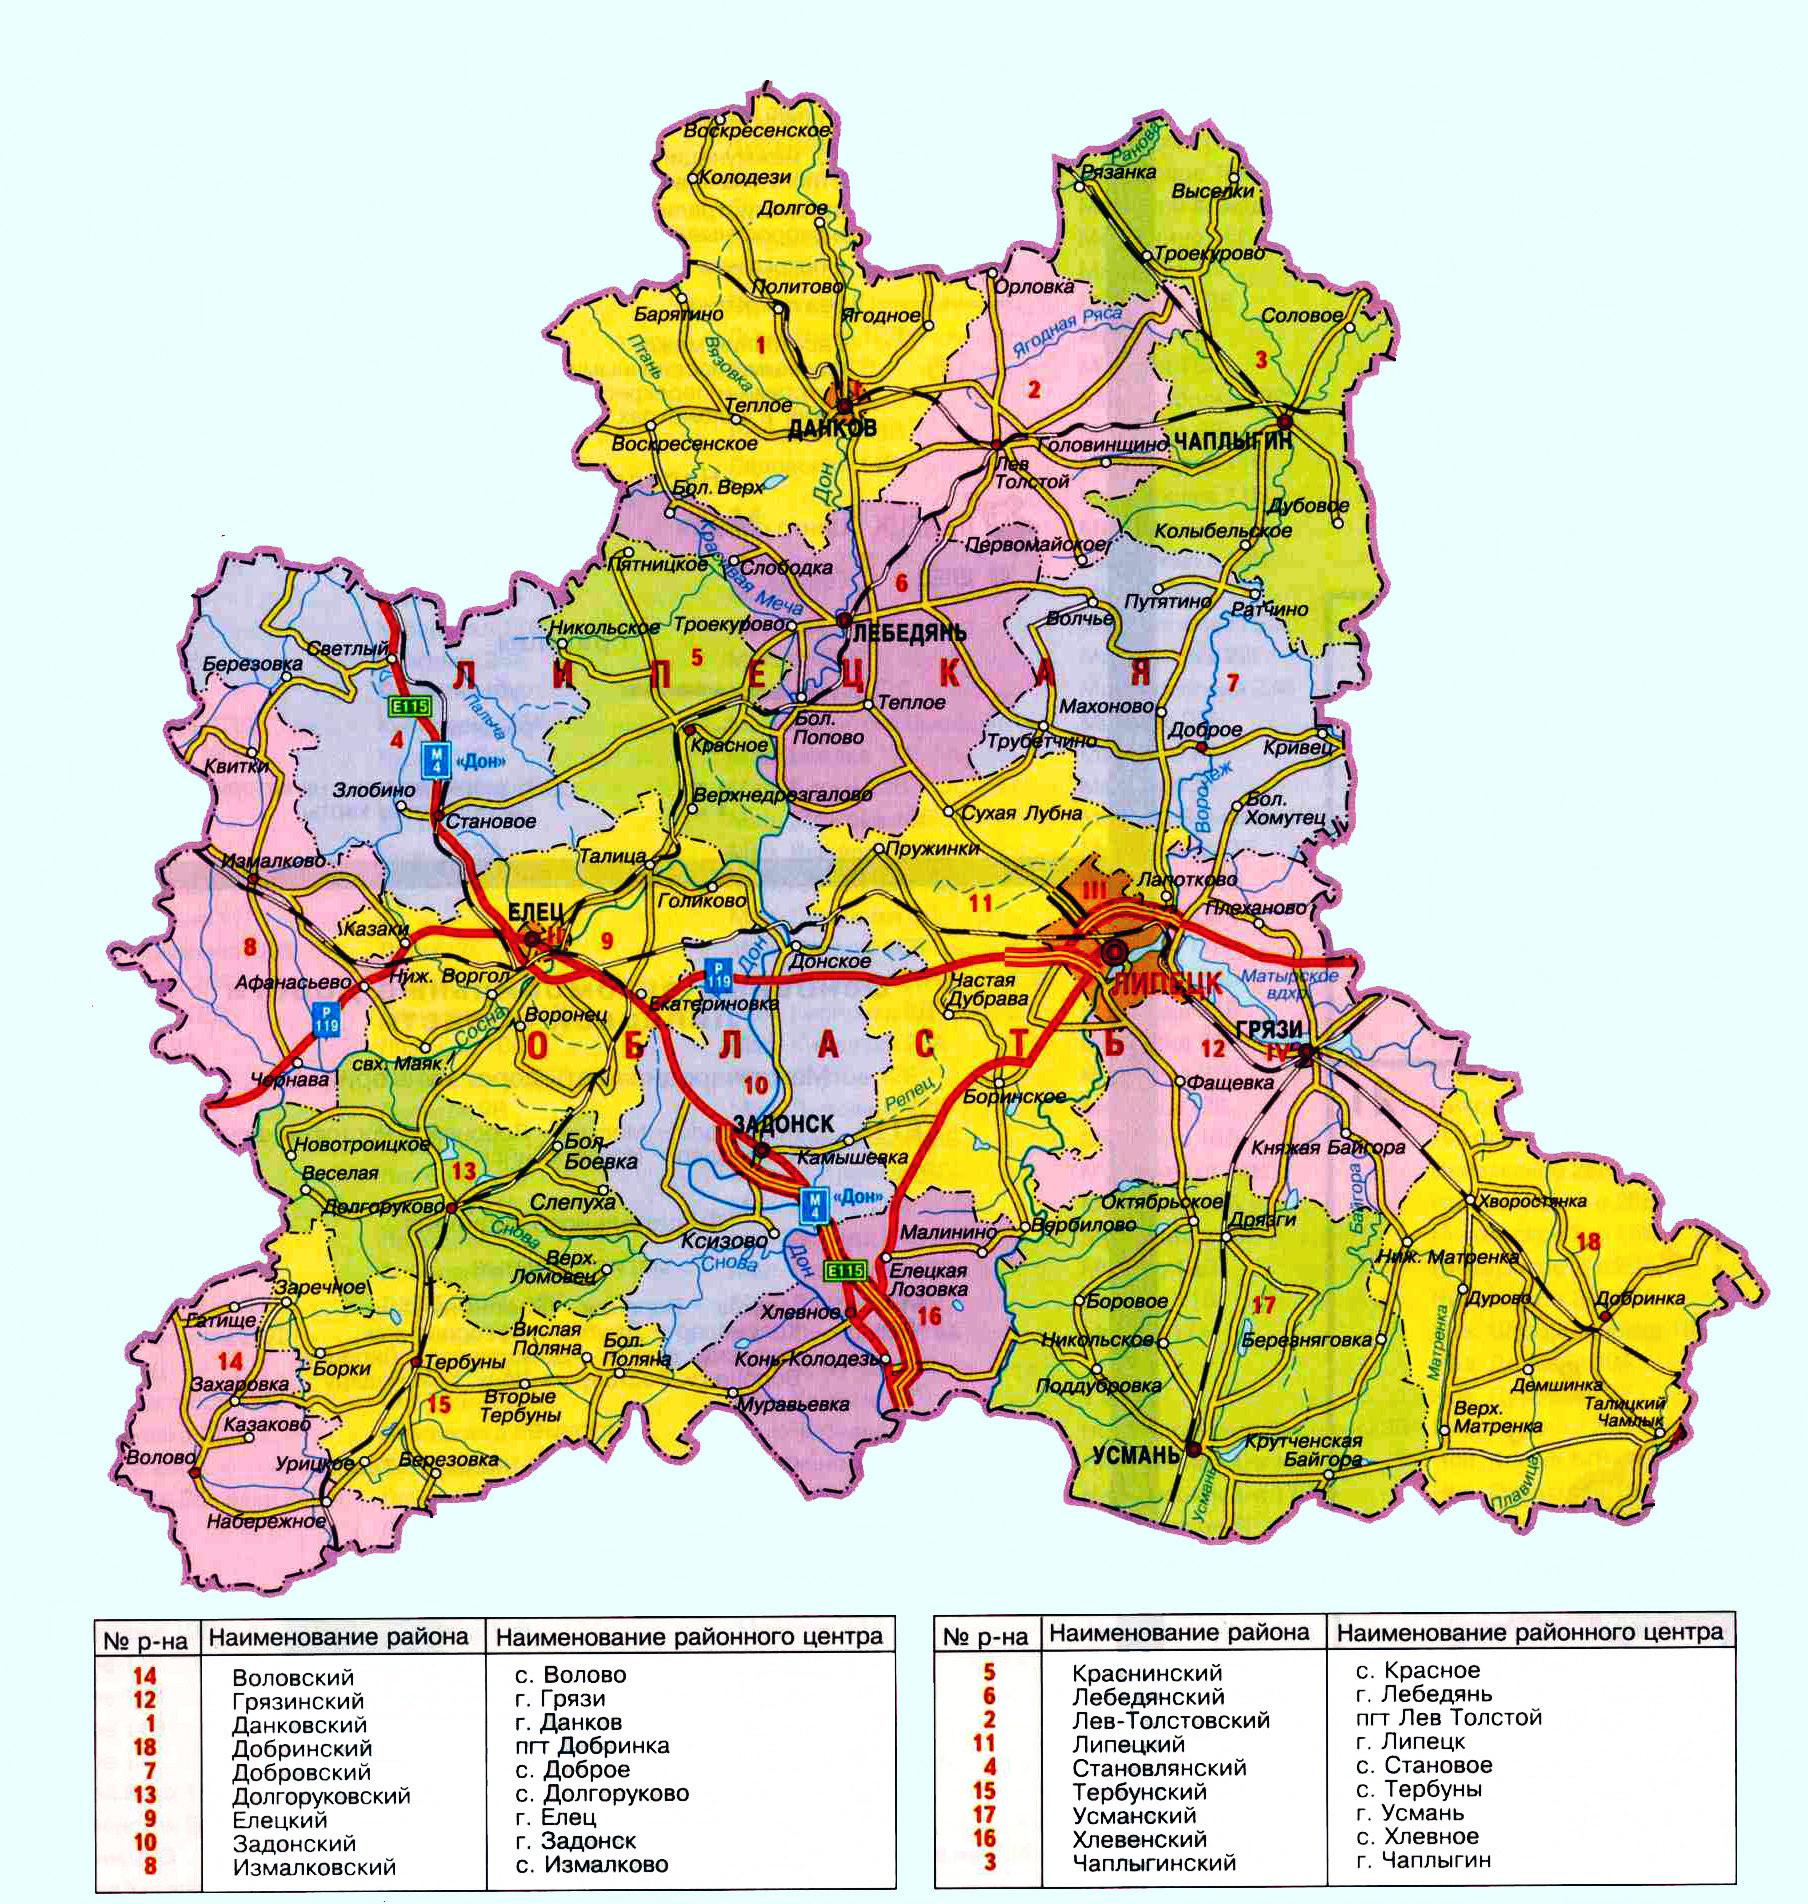 Проститутки по дороге владимир москва и номера телефонов 27 фотография